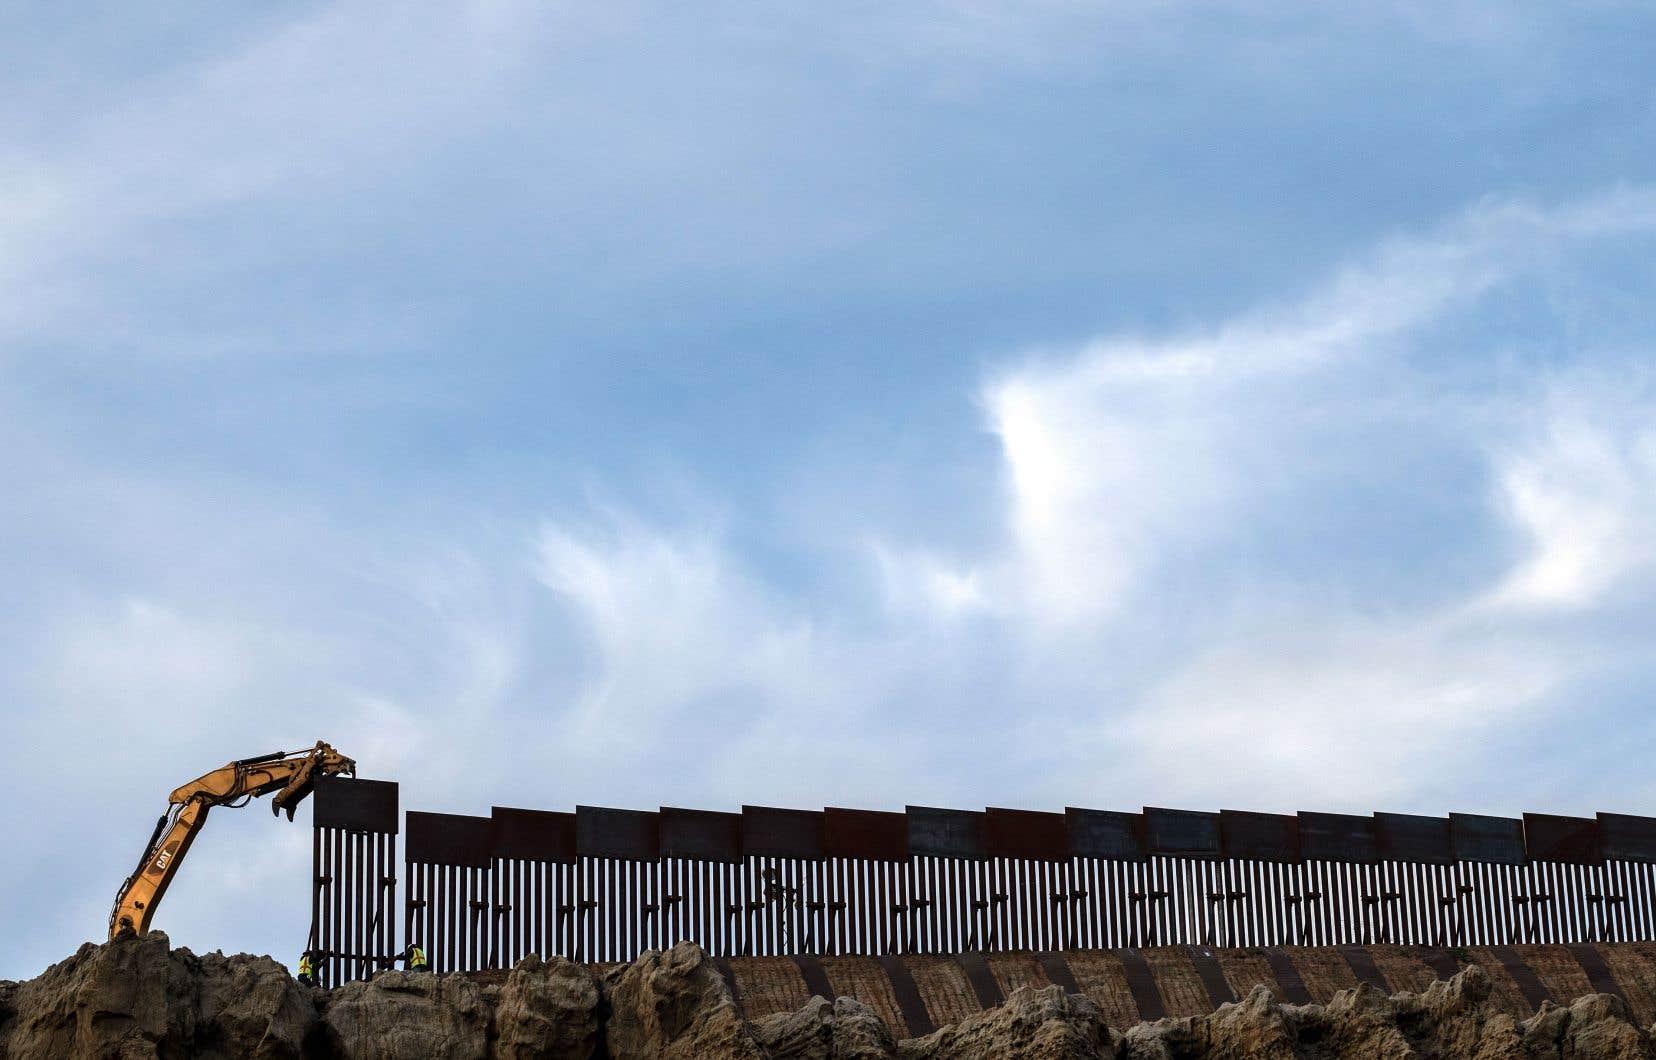 Des employés remplacent une vieille barrière à la frontière américano-mexicaine à Tijuana.